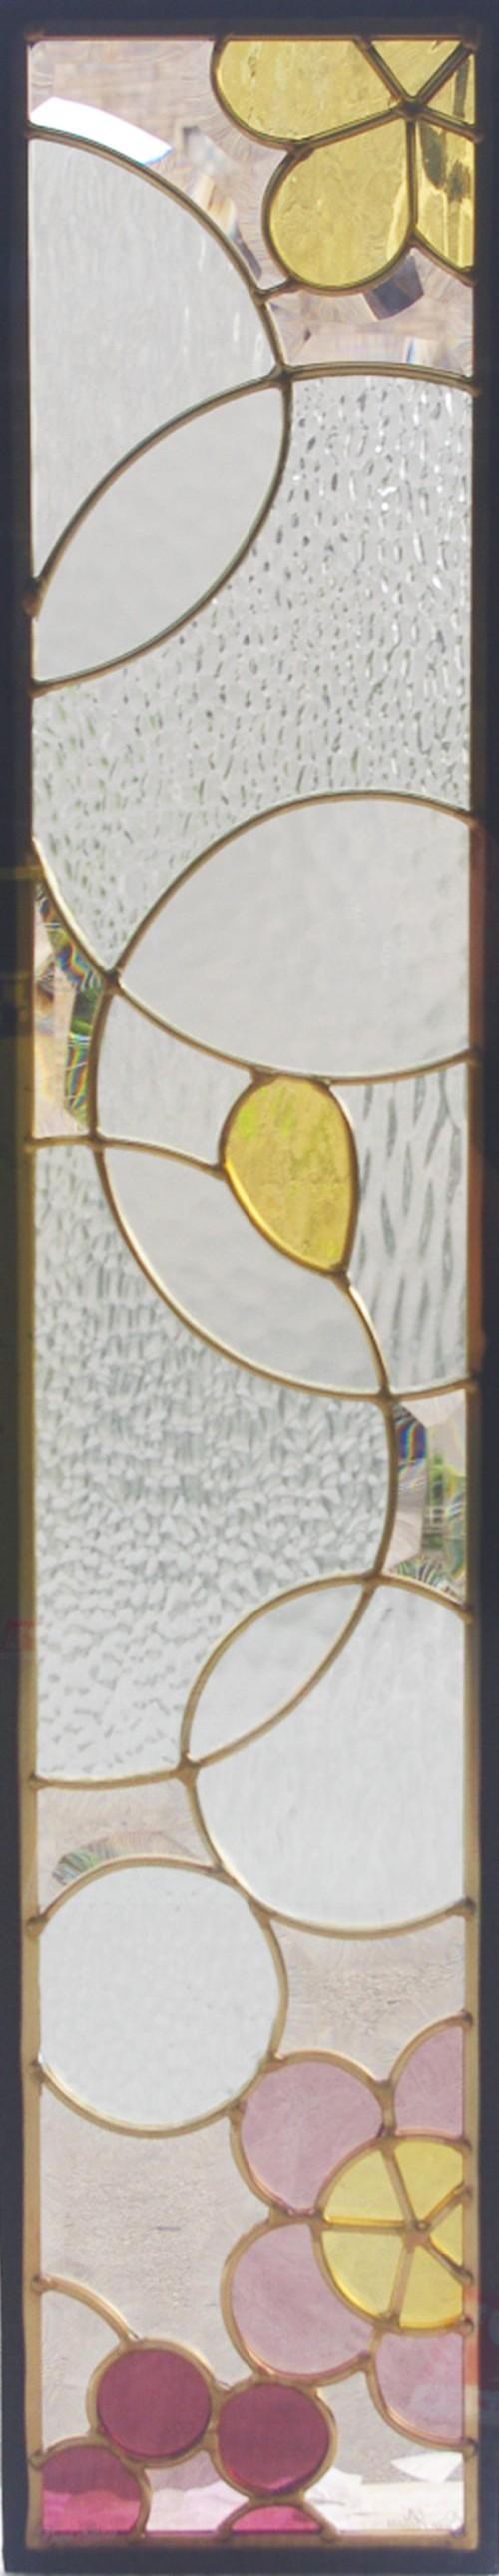 本物のステンドグラス ピュアグラス ステンドグラス (株)セブンホーム SH-G06